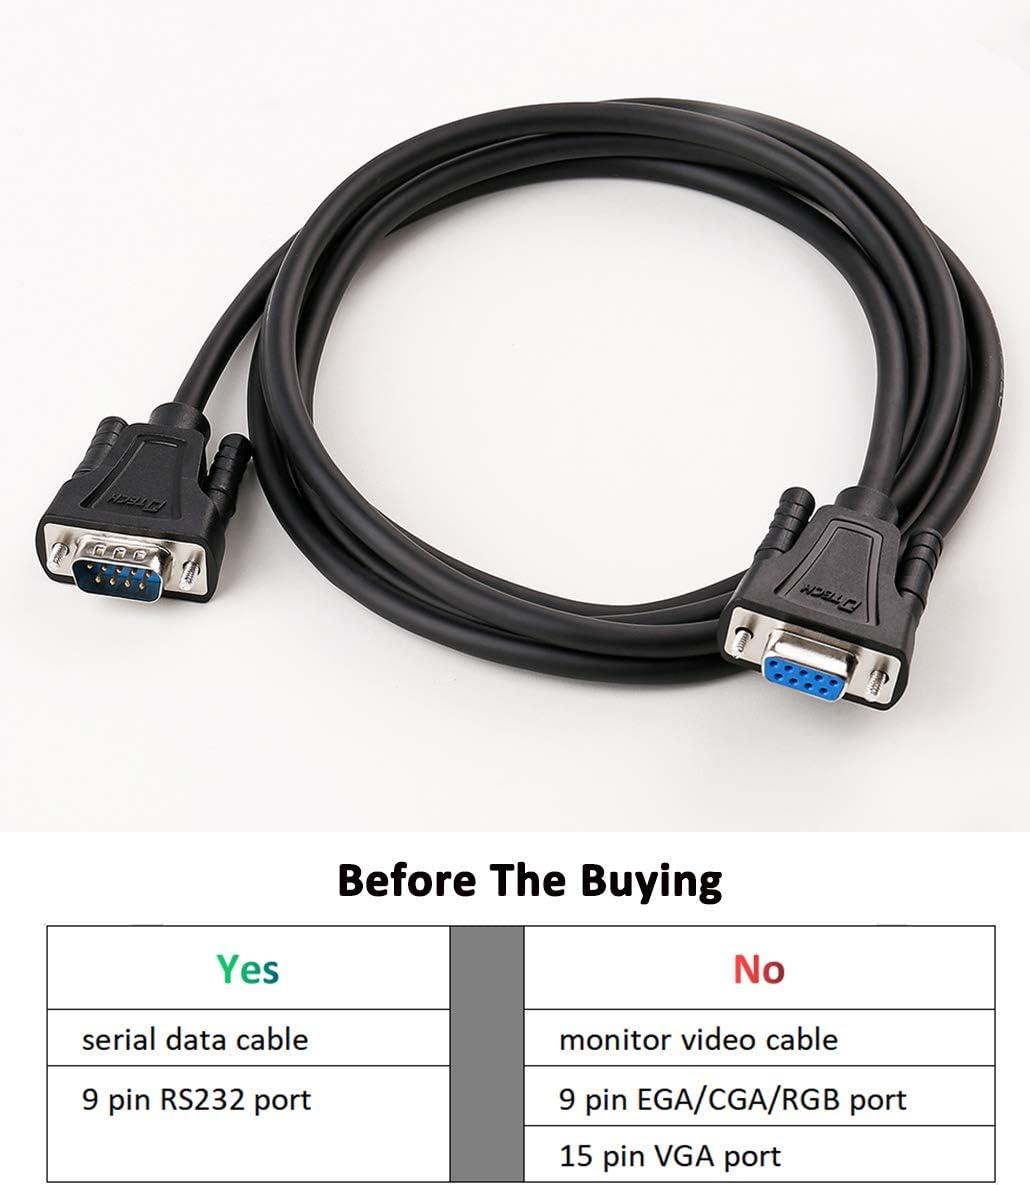 DTECH DB9 RS232 Cable de Serie Macho a Hembra extensión Null módem Cable Cruz TX/RX línea para comunicación de Datos (5 pies, Negro): Amazon.es: Electrónica